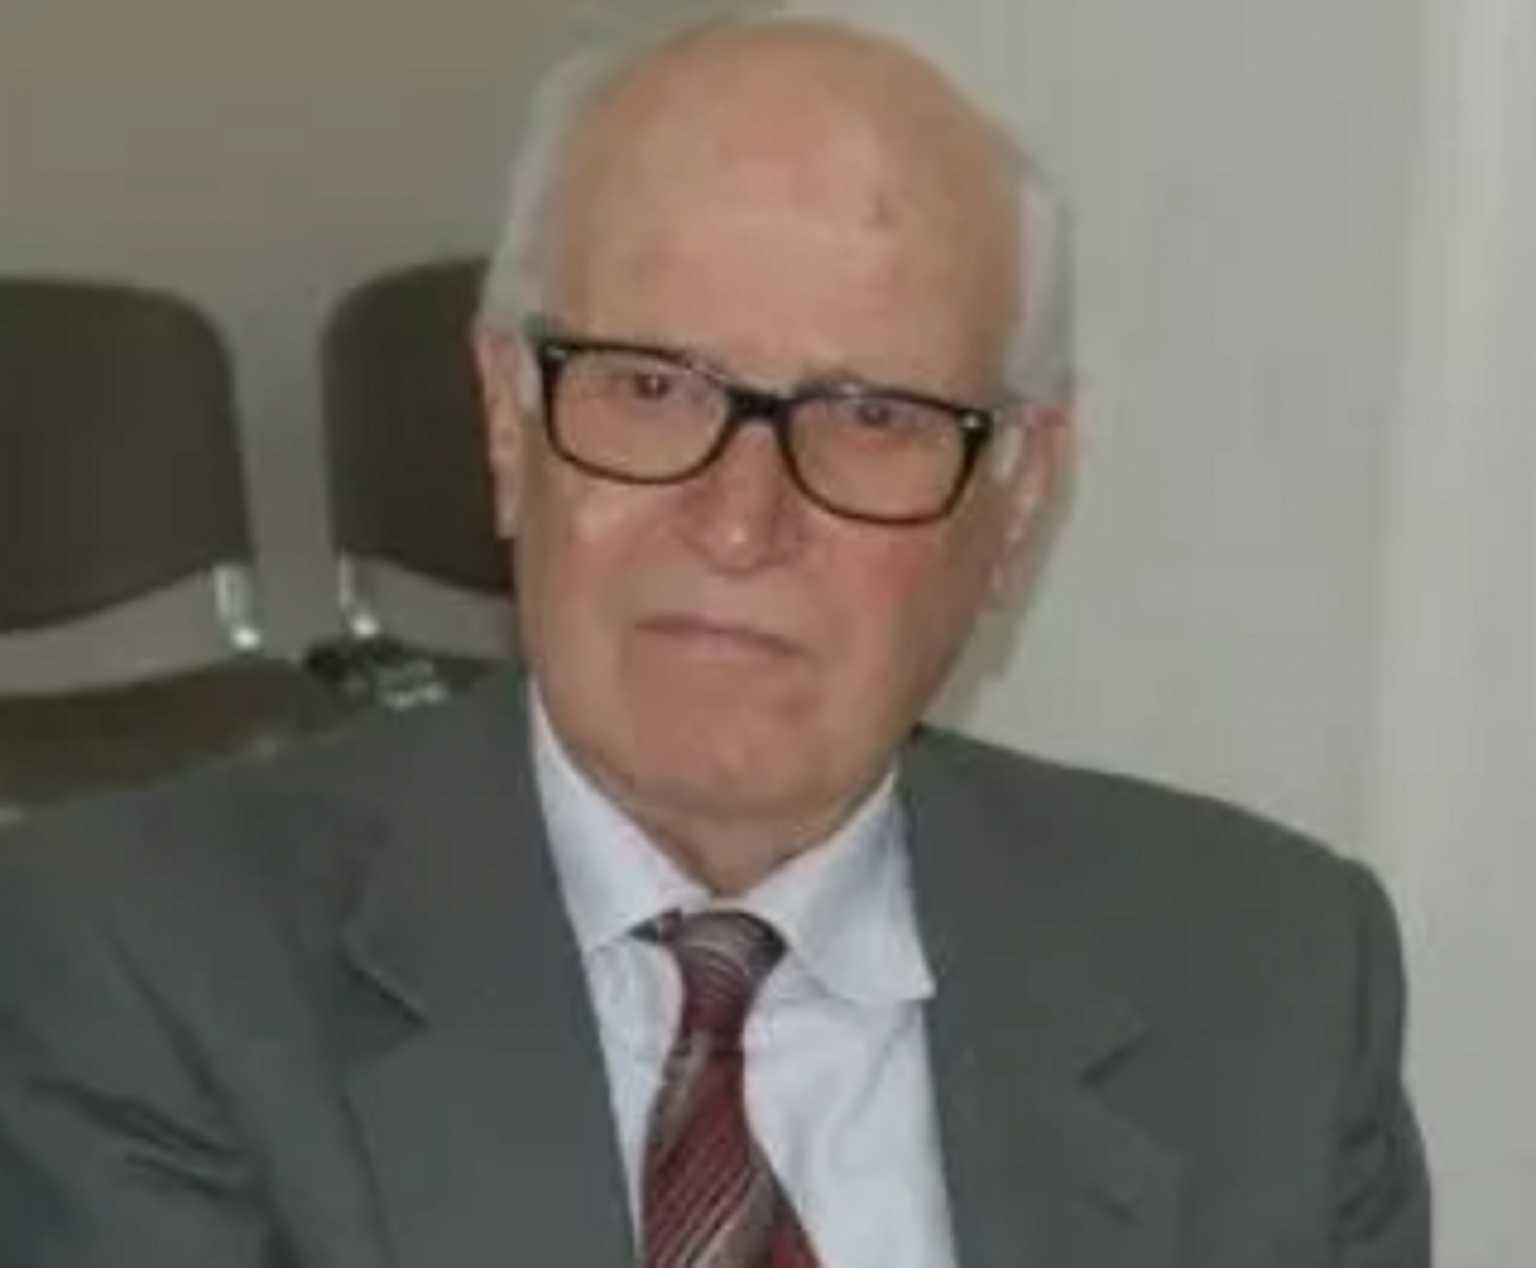 Πέθανε από πνευμονικό οίδημα ο πρώην βουλευτής της Νέας Δημοκρατίας Νίκος Καλλές